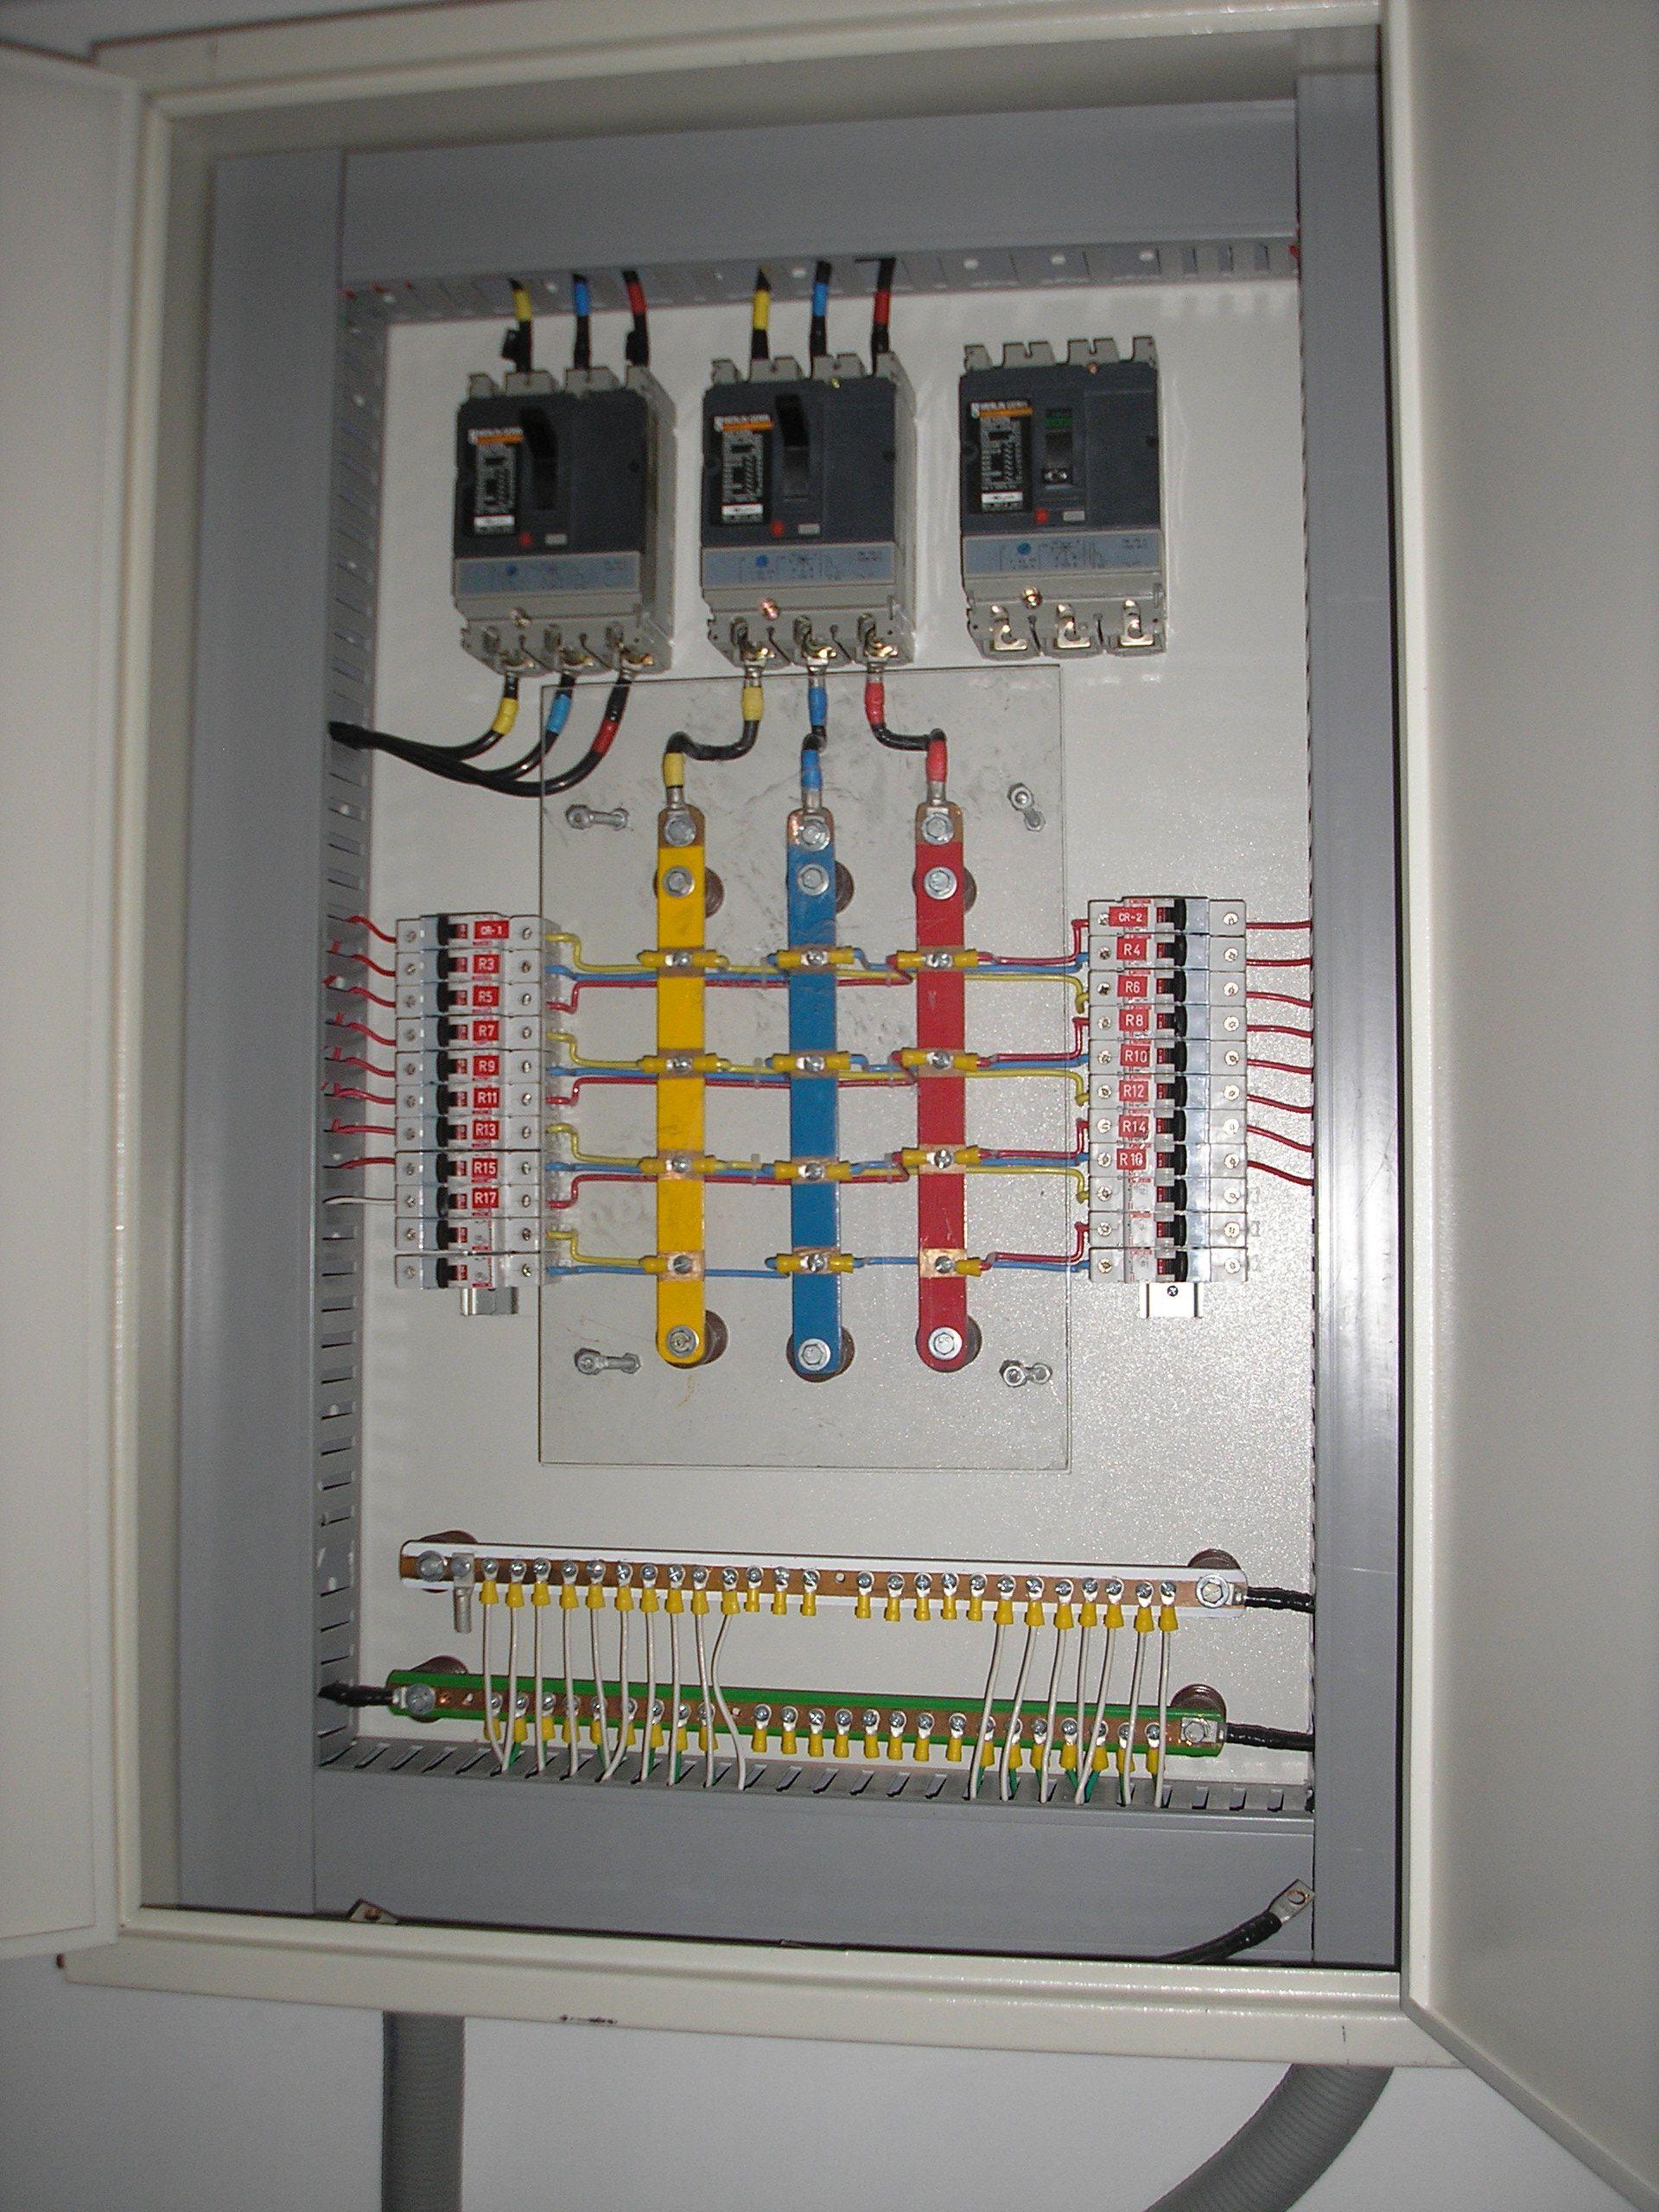 http://www.cableadoestructurado.com.co/imagenes/redes/tableroelec3 ...